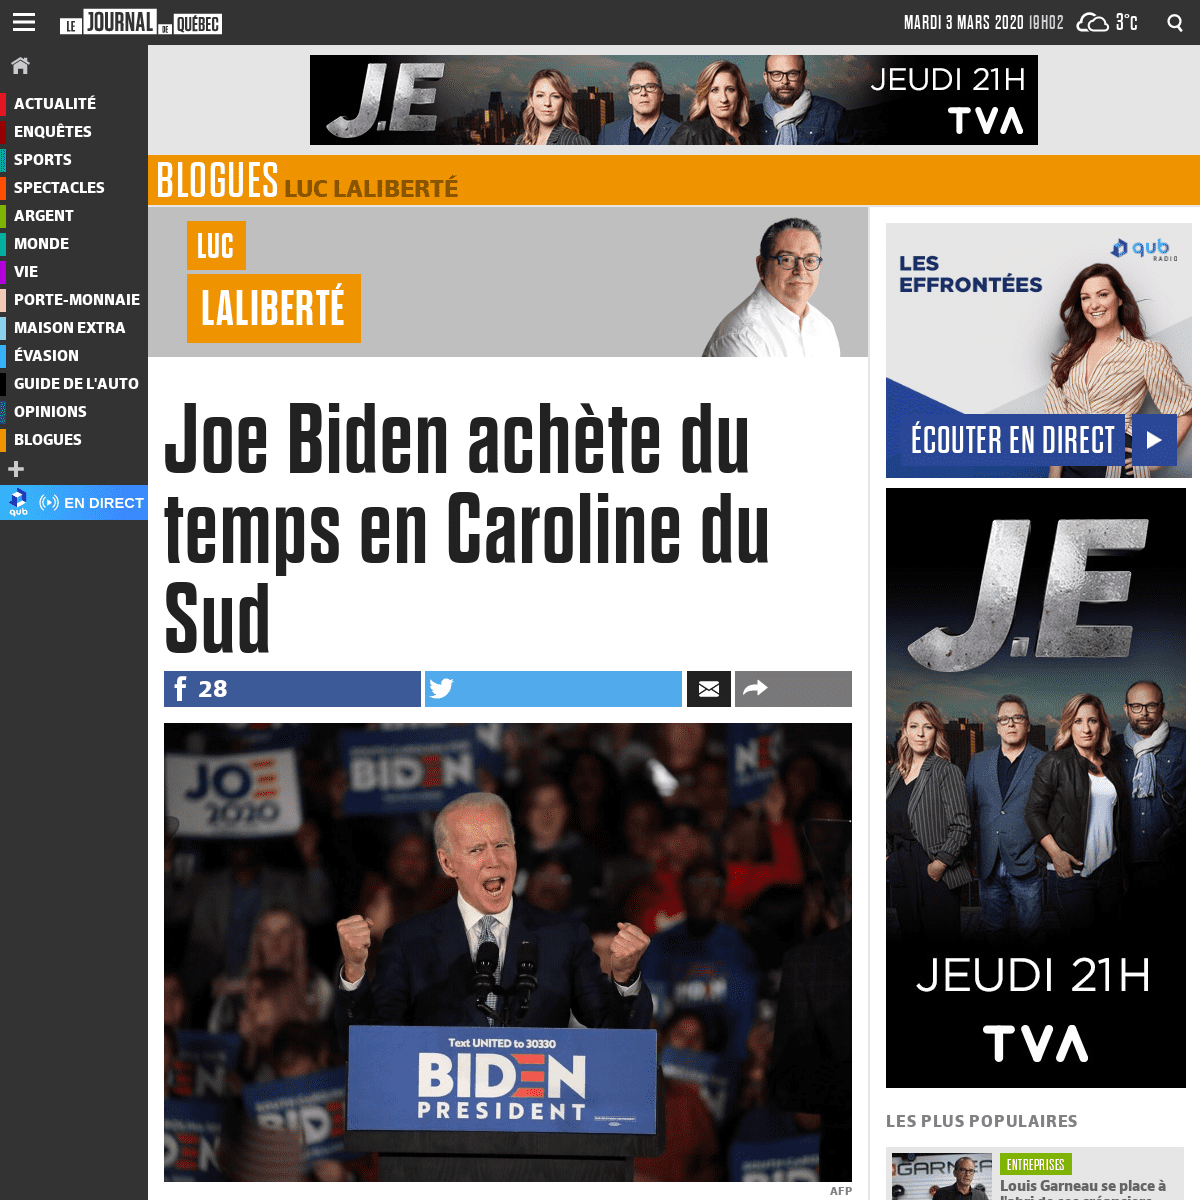 Joe Biden achète du temps en Caroline du Sud - JDQ